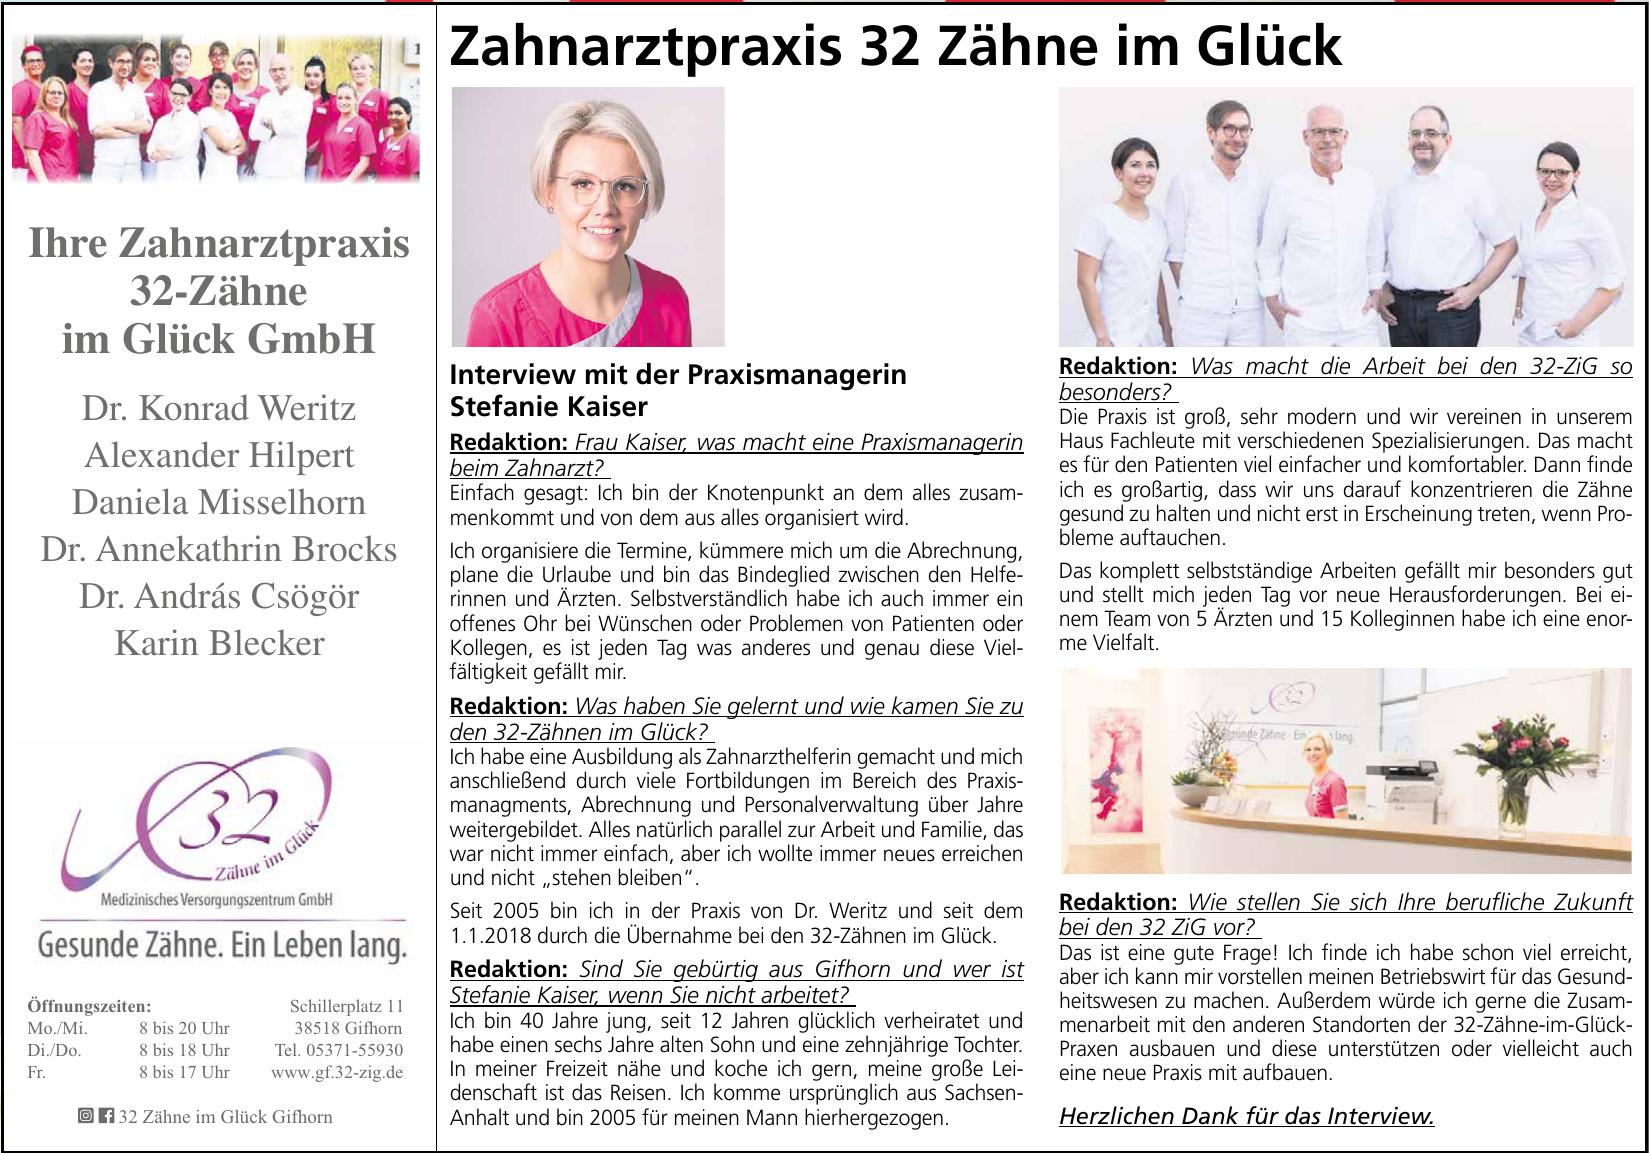 Zahnarztpraxis 32-Zähne im Glück GmbH